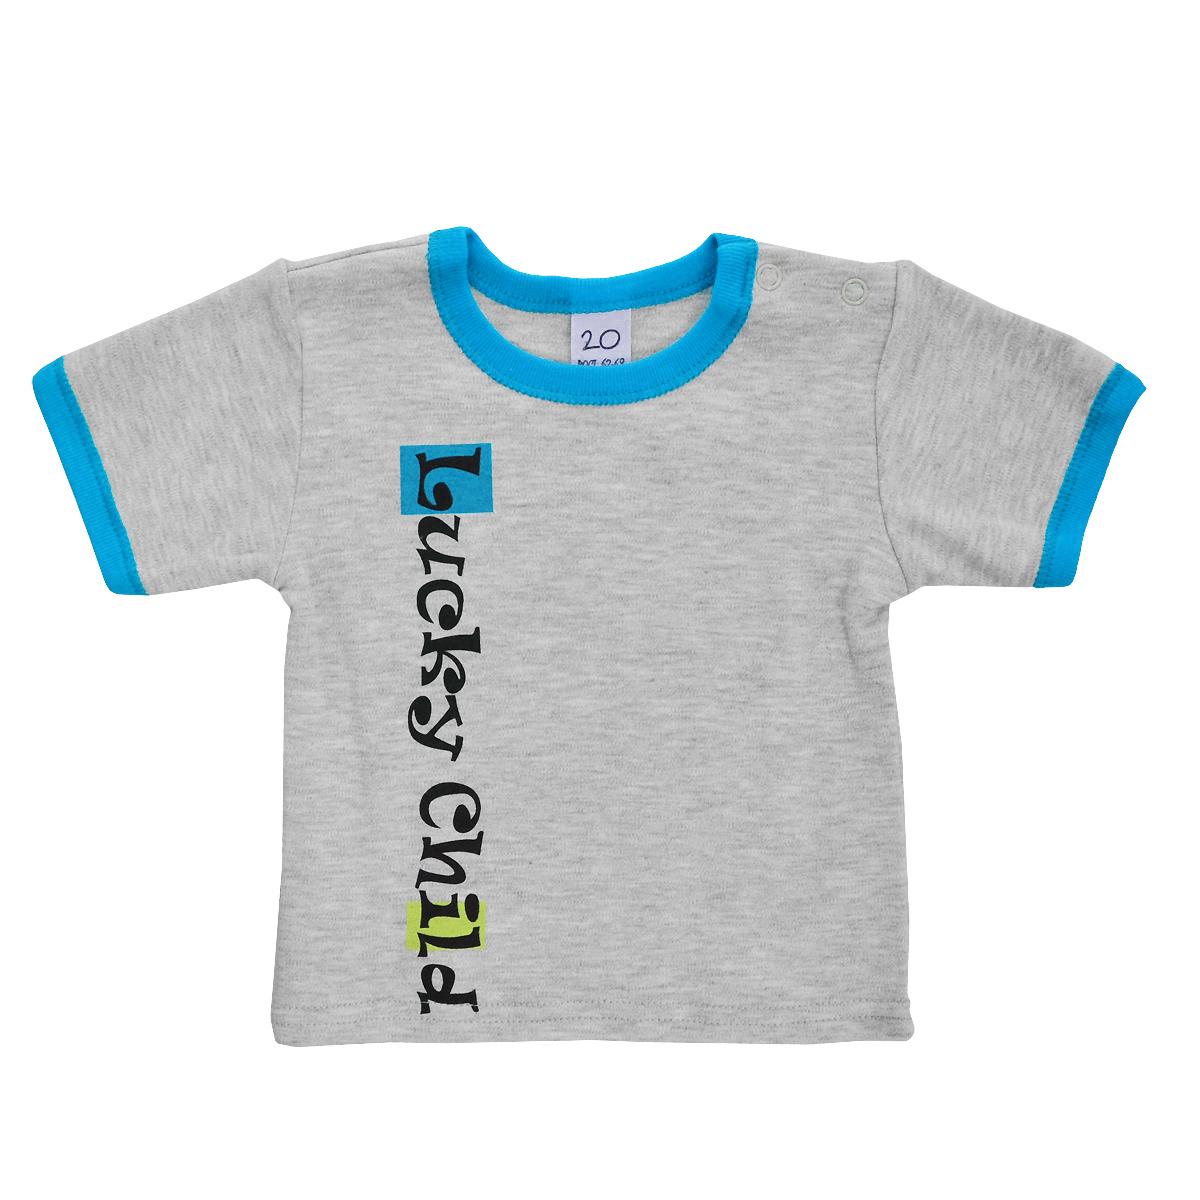 1-26ДДетская футболка Lucky Child Спорт идеально подойдет вашему ребенку и станет прекрасным дополнением к его гардеробу. Изготовленная из натурального хлопка, она мягкая и приятная на ощупь, не сковывает движения и позволяет коже дышать, не раздражает даже самую нежную и чувствительную кожу ребенка, обеспечивая наибольший комфорт. Футболка с круглым вырезом горловины и короткими рукавами застегивается на кнопки по плечевому шву, что позволяет легко переодеть кроху. Низ рукавов и вырез горловины дополнены трикотажными резинками контрастного цвета. Модель оформлена принтовой надписью. В такой футболке ваш ребенок будет чувствовать себя уютно и комфортно, и всегда будет в центре внимания!